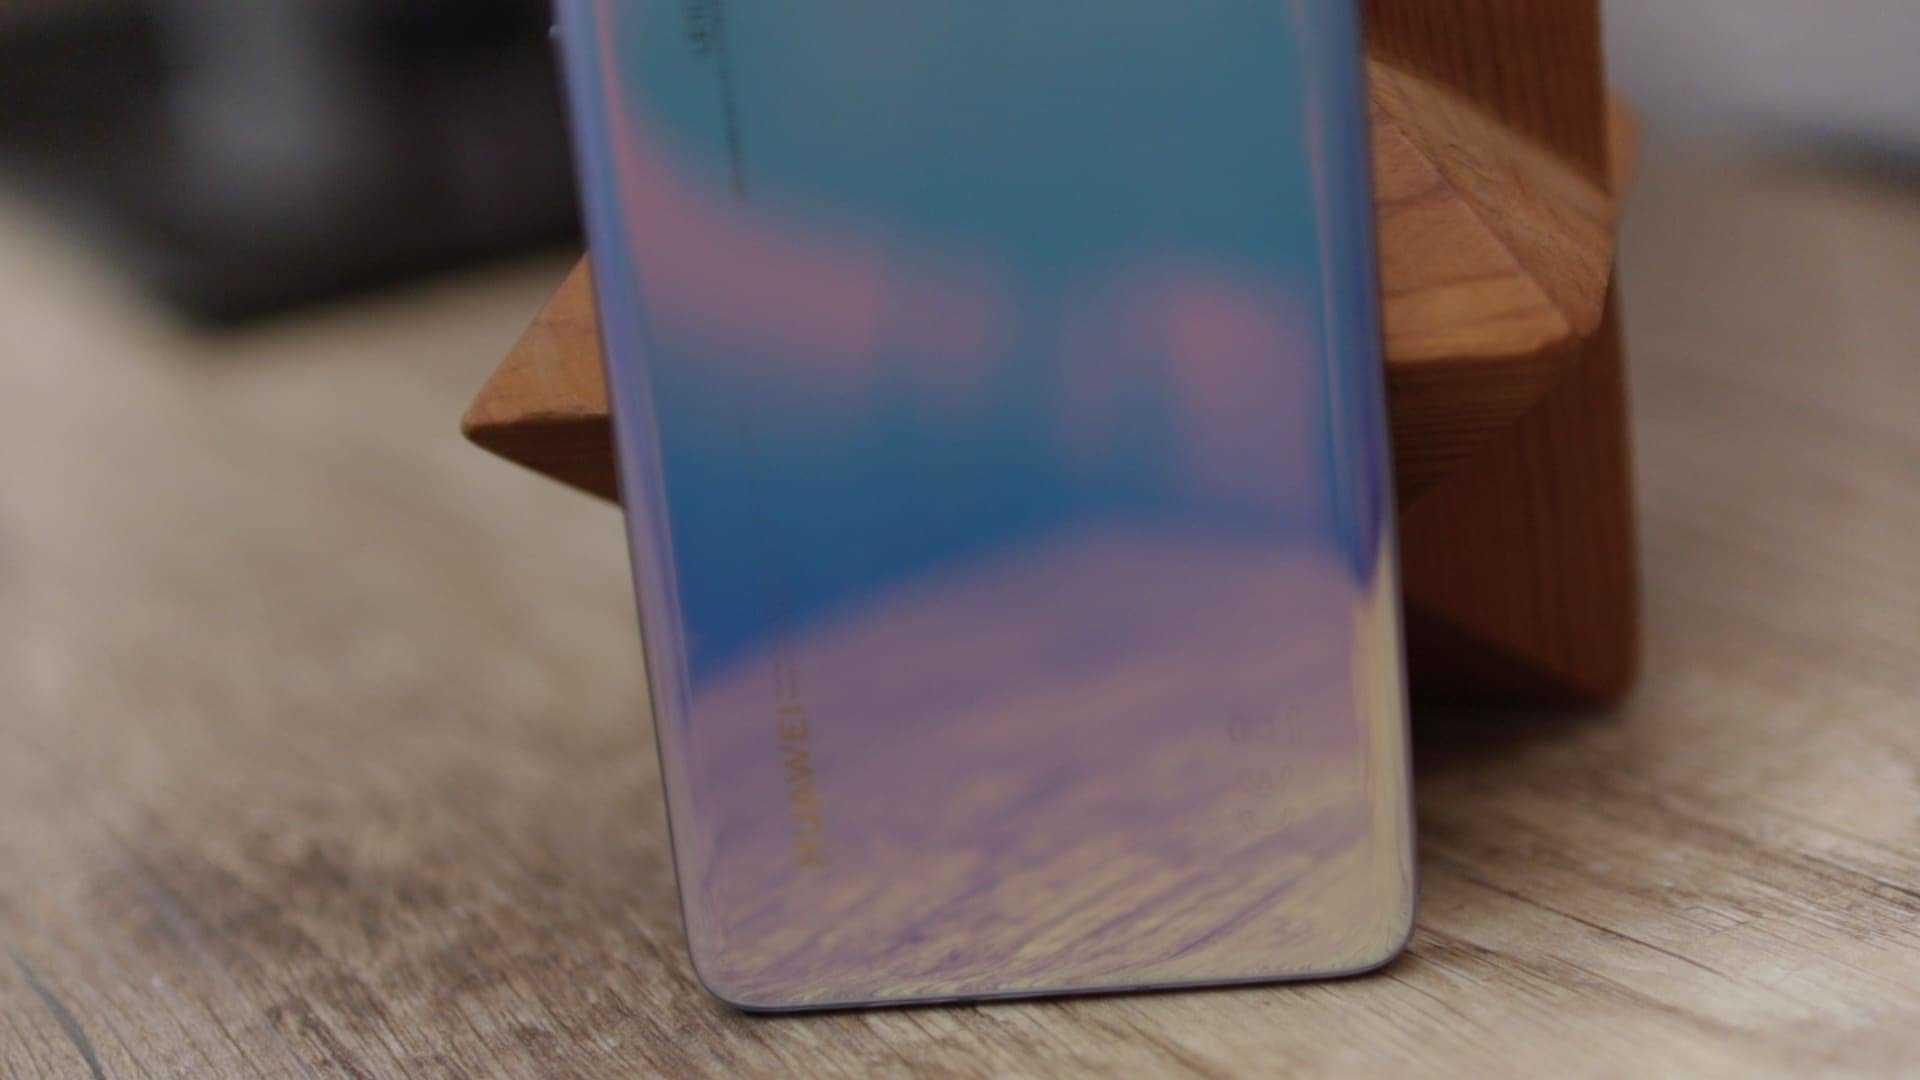 Huawei-p30-colores-llamativos